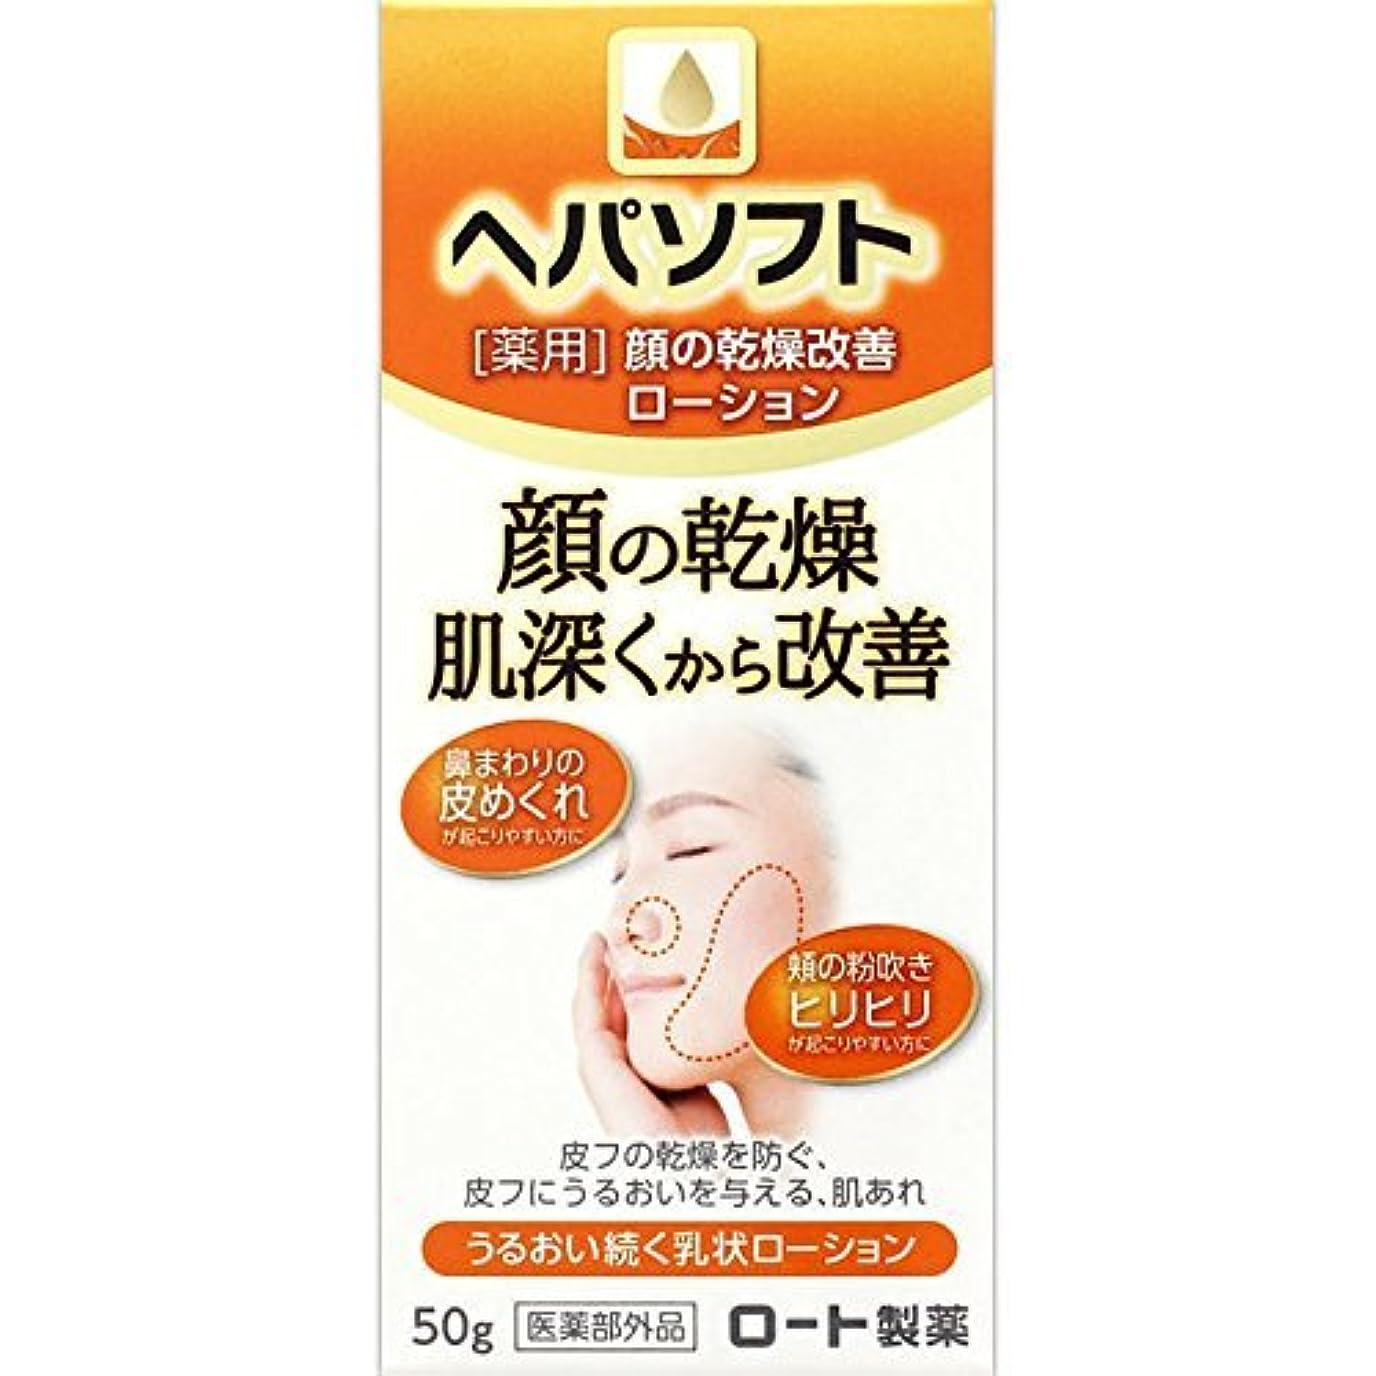 アジア詳細に不安定なヘパソフト 薬用 顔ローション 50g【医薬部外品】